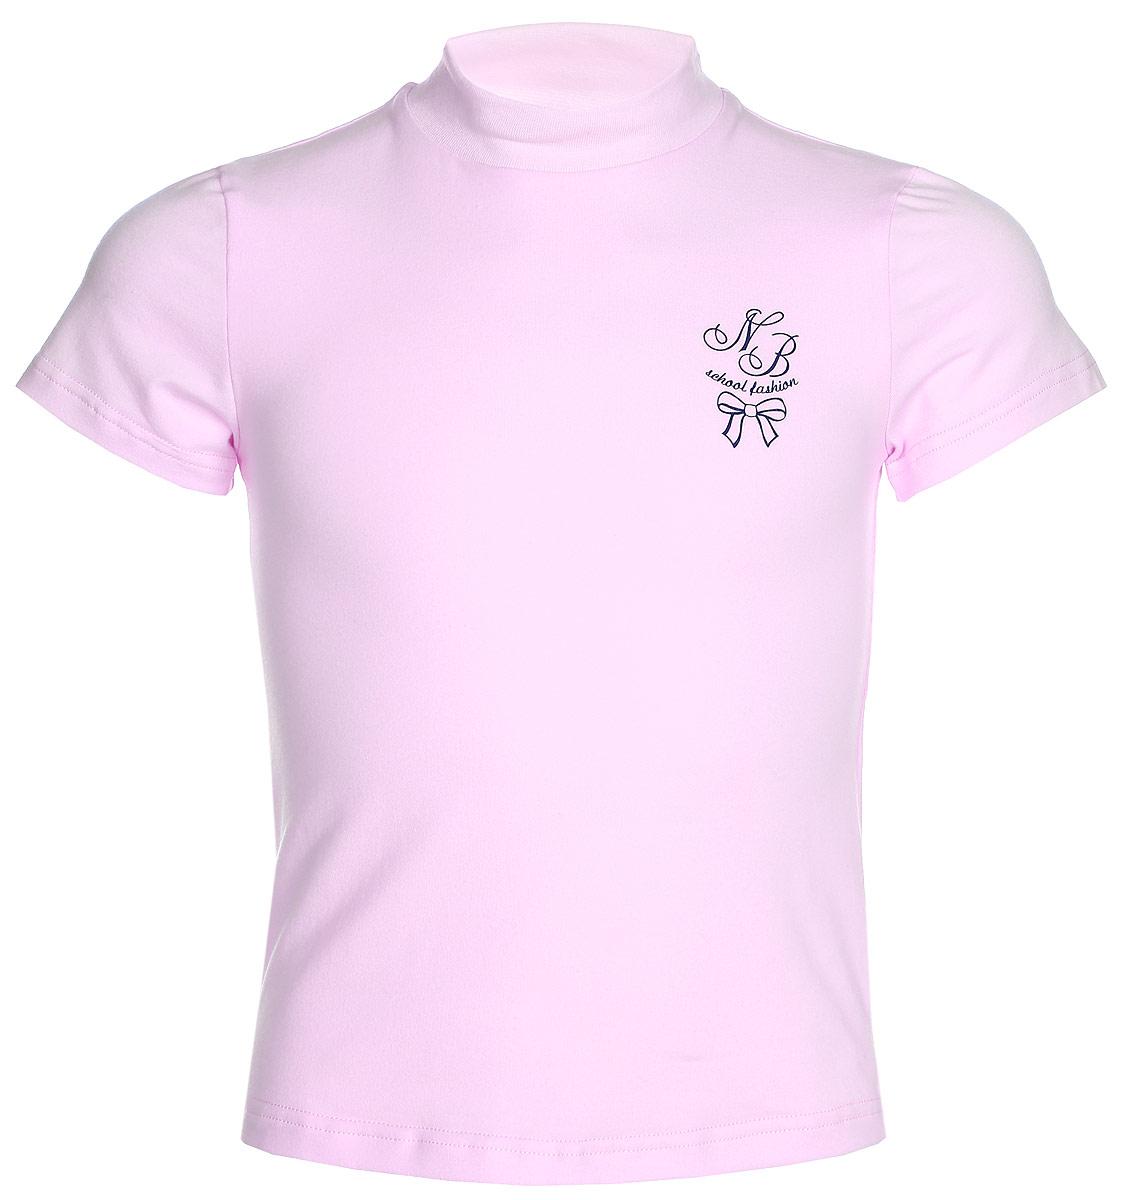 Водолазка для девочки Nota Bene, цвет: розовый. CJR27040A05. Размер 140CJR27040A05/CJR27040B05Водолазка для девочки Nota Bene выполнена из хлопкового трикотажа. Модель с короткими рукавами и воротником-стойкой на груди оформлена принтом.